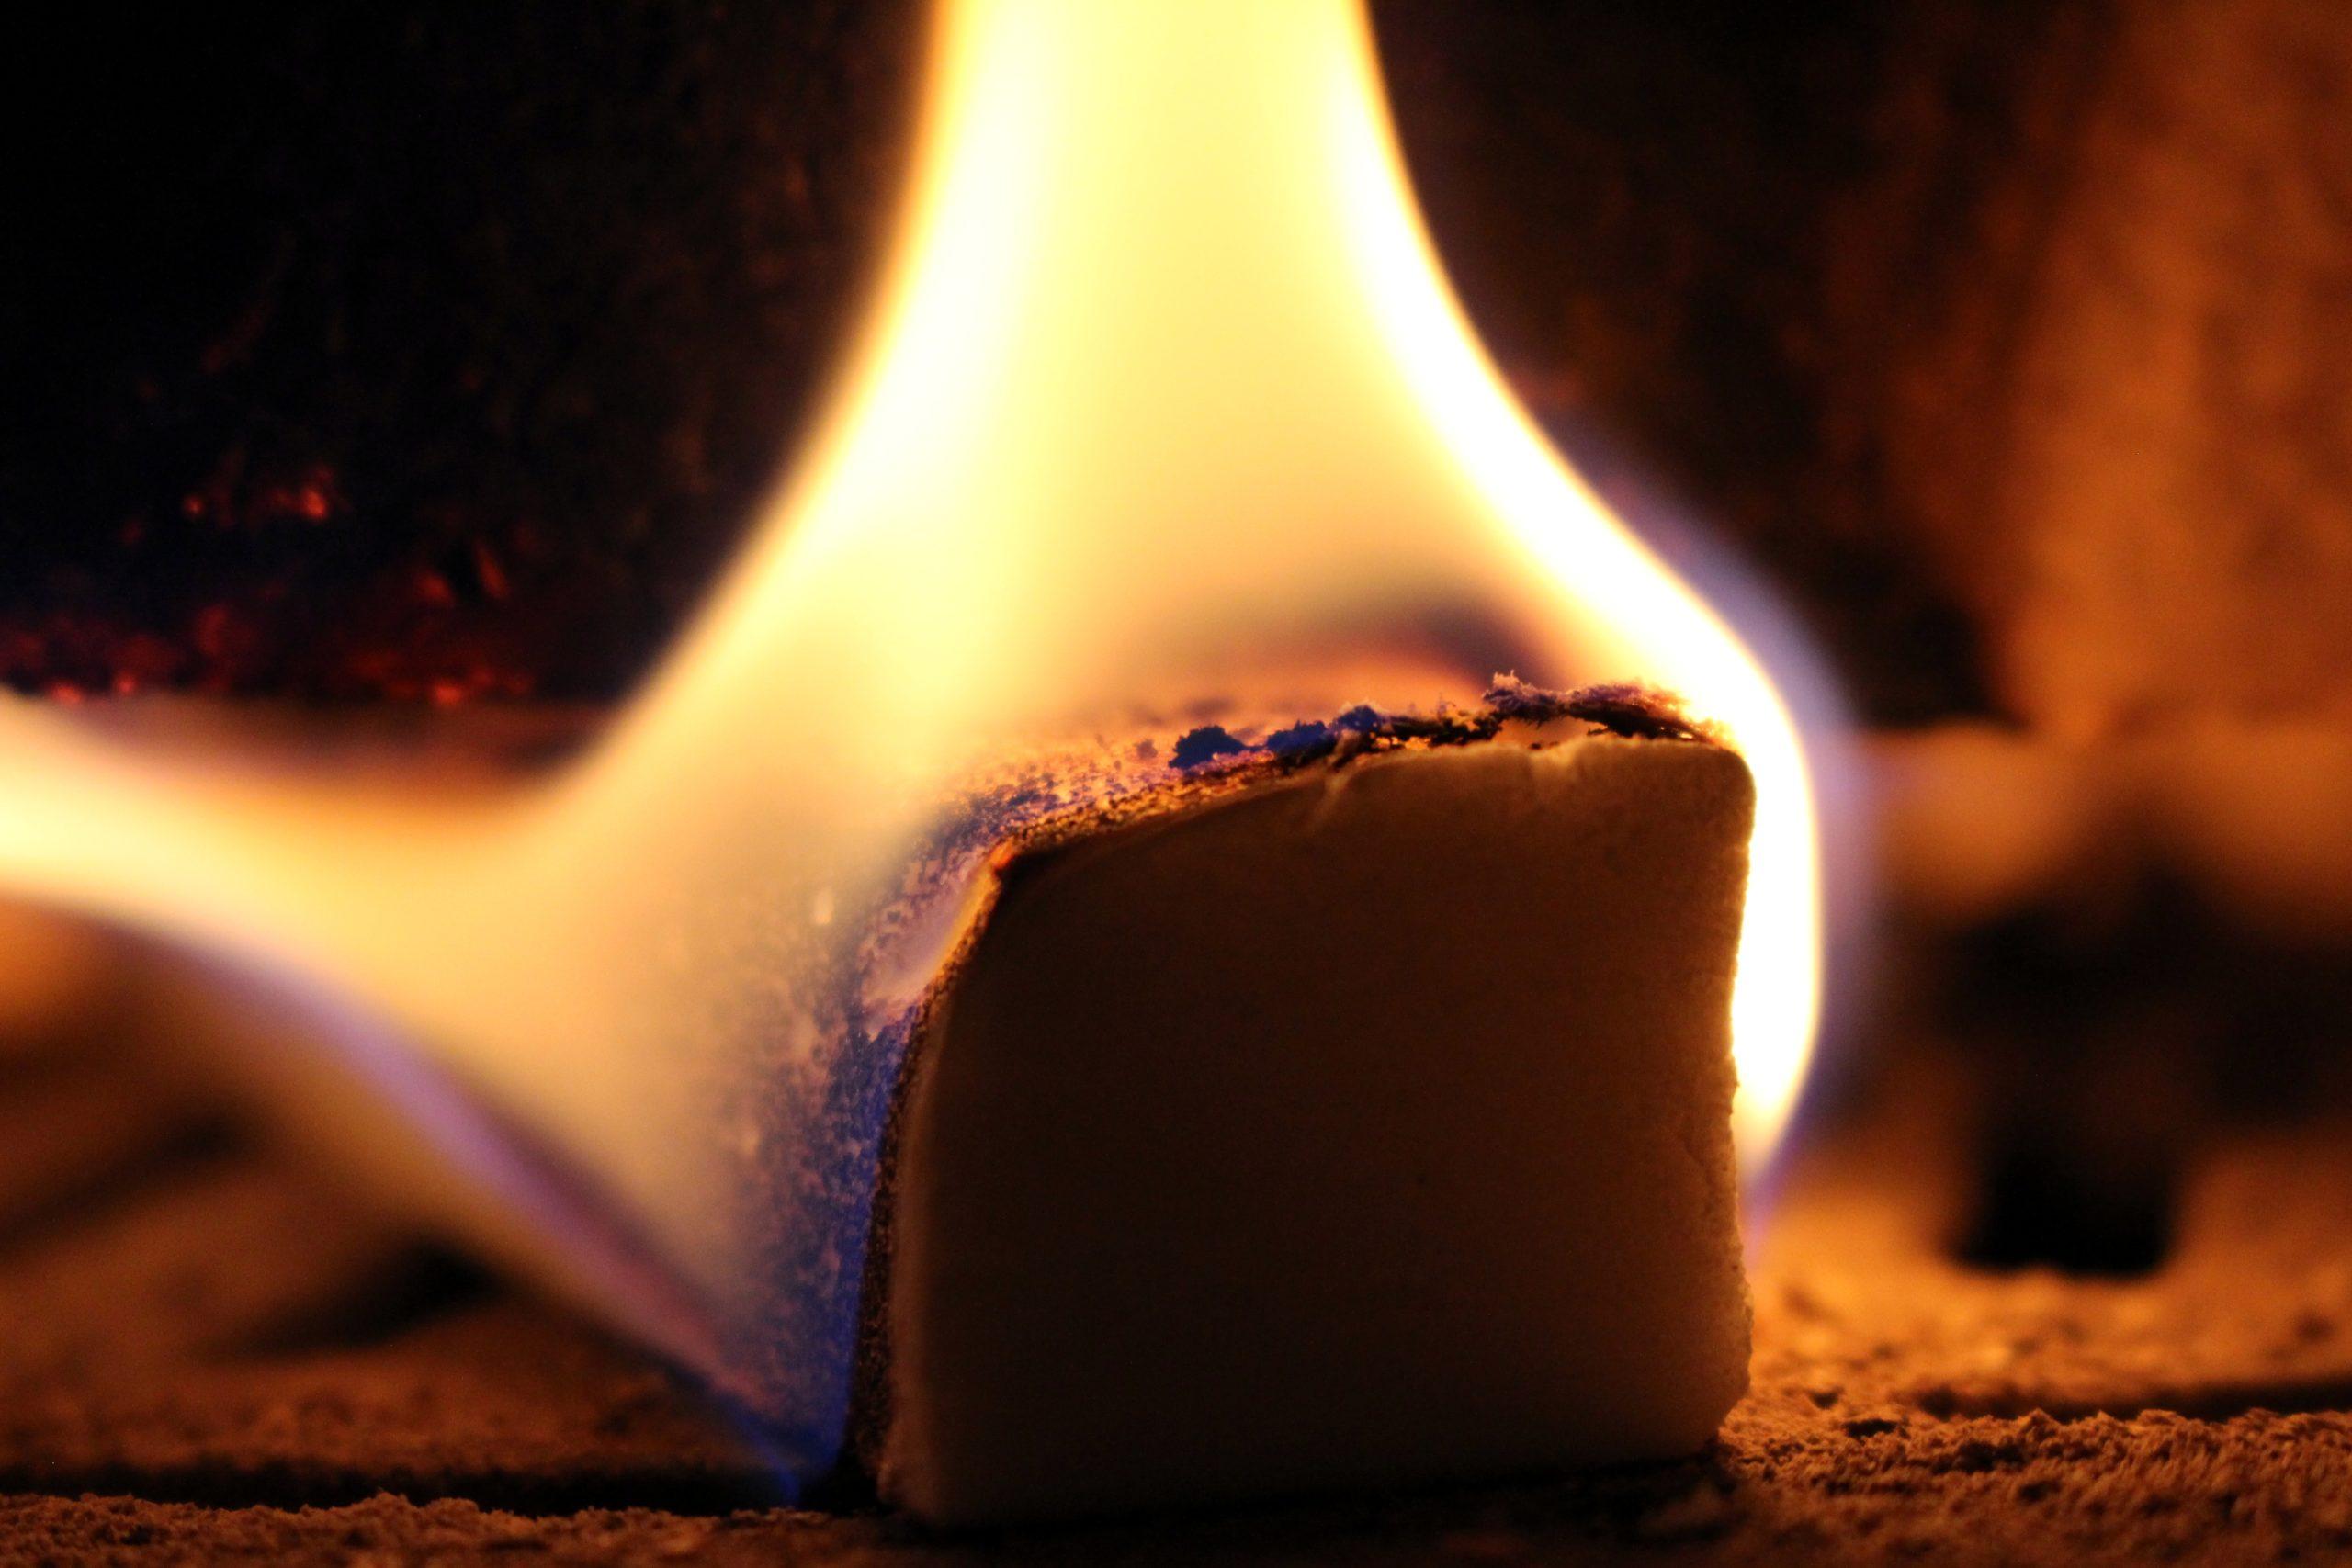 Должно ли это вообще происходить с шоколадом при воздействии огня?